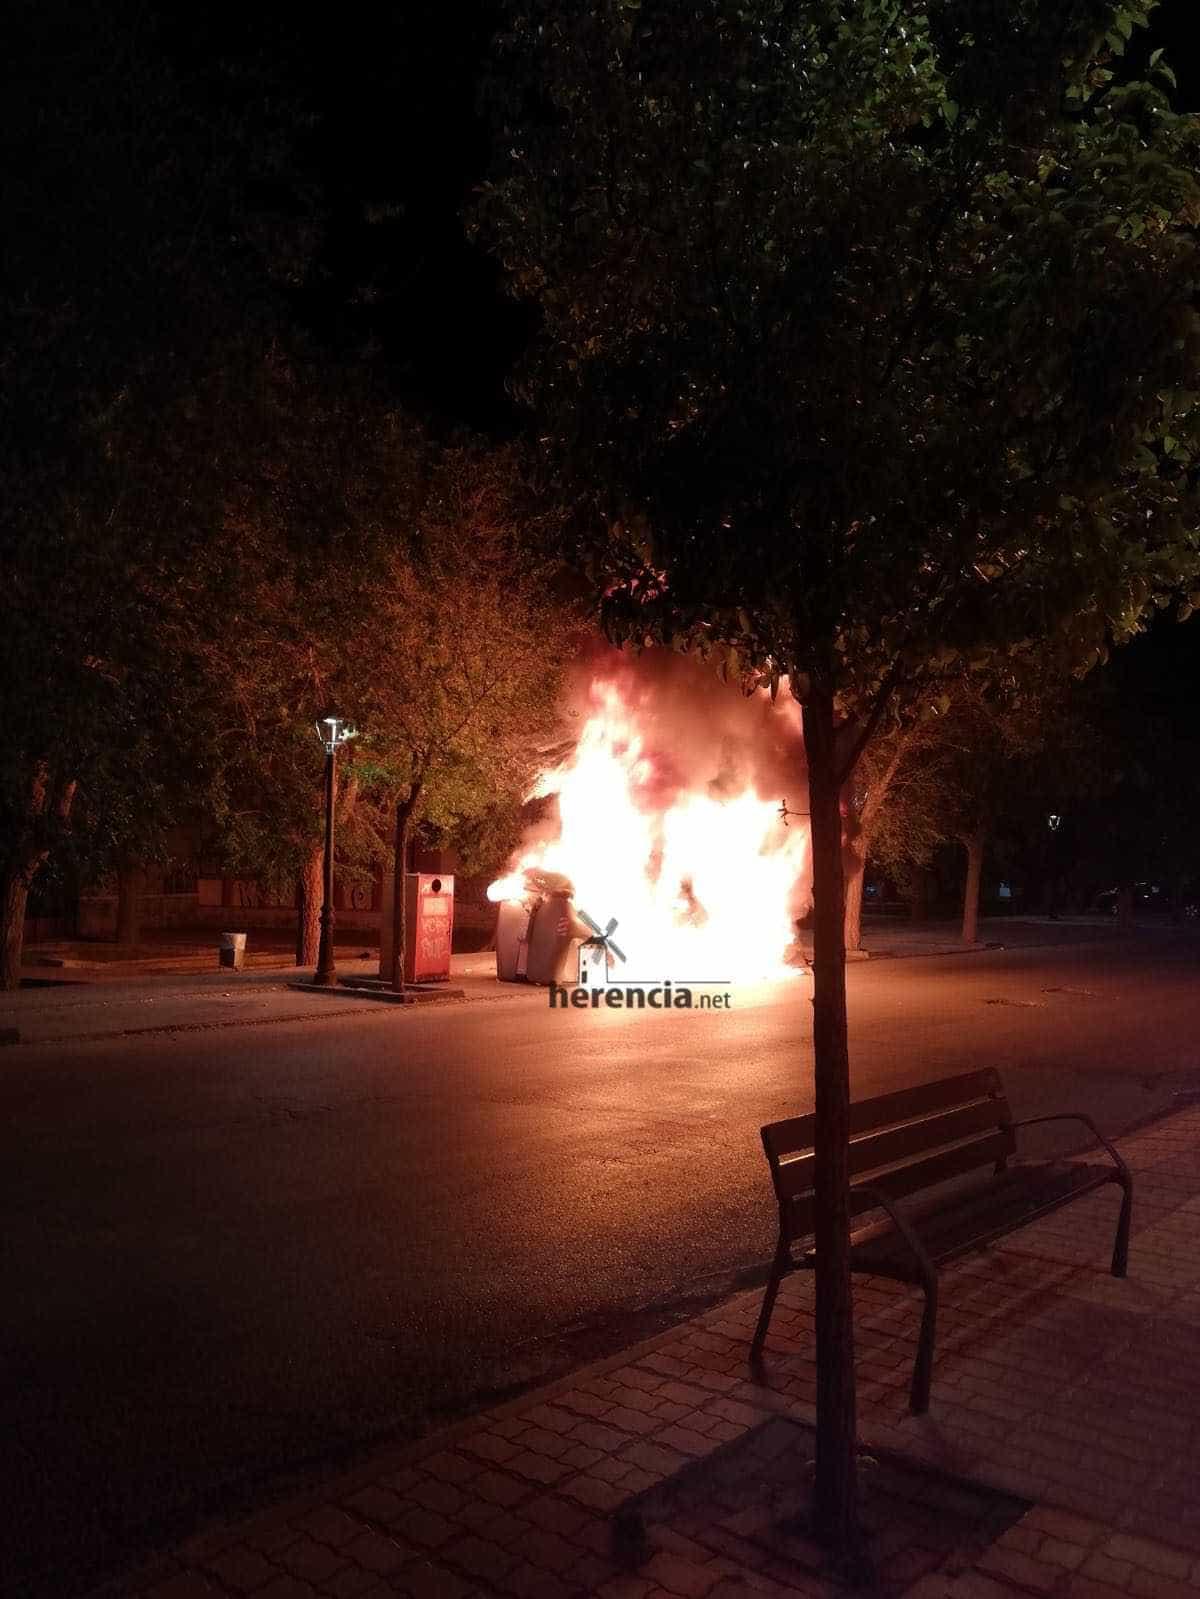 contenedores arden cristo herencia 2 - Arden tres contenedores en la zona del Cristo en Herencia